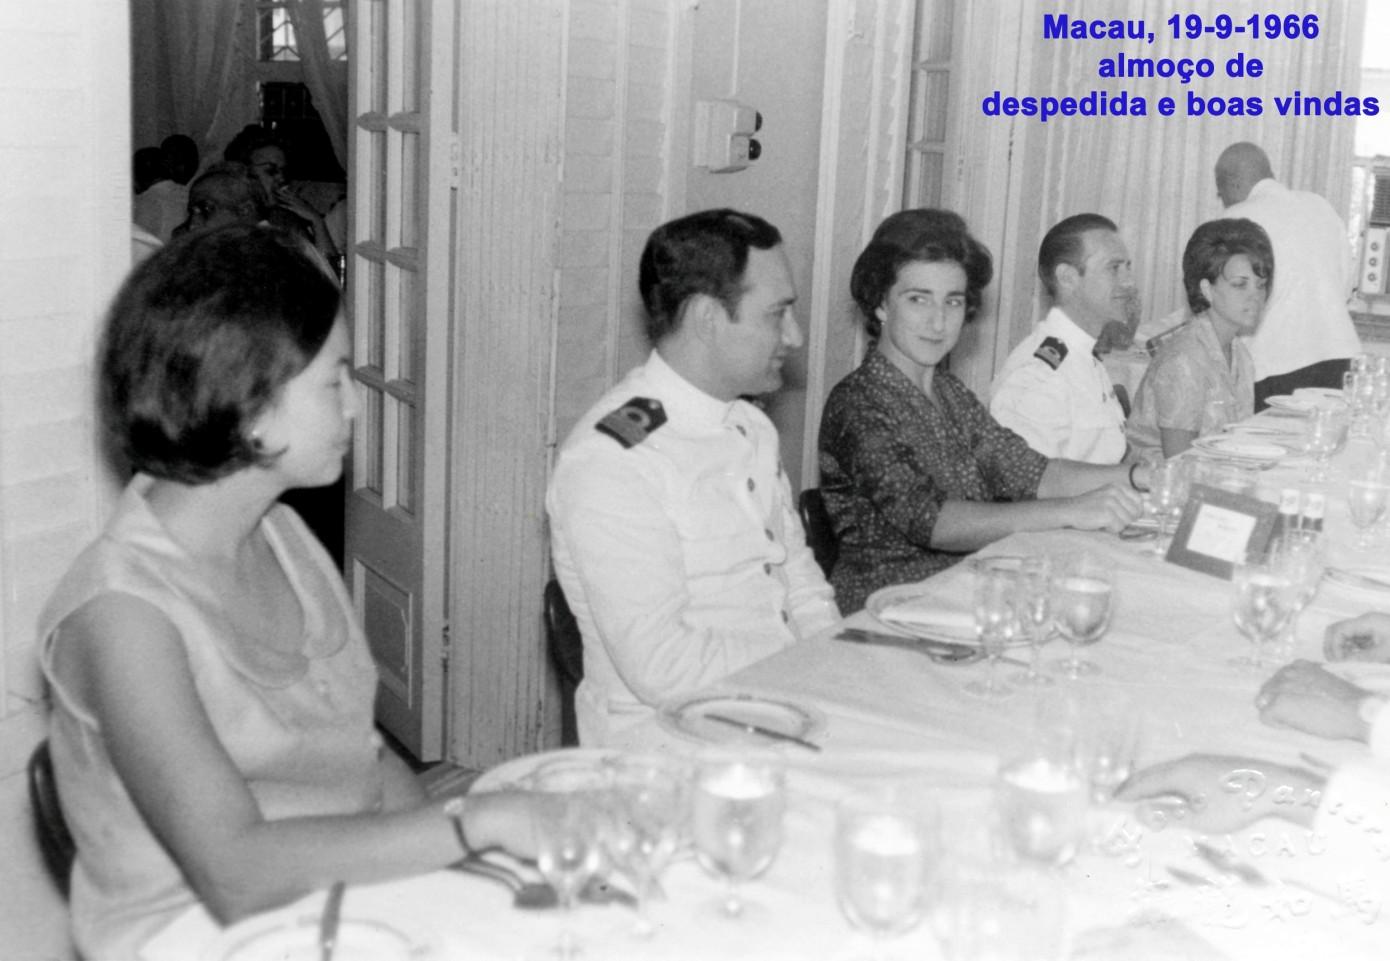 012 66-09-19 almoço de despedida de Firmino e boas vindas a Nunes